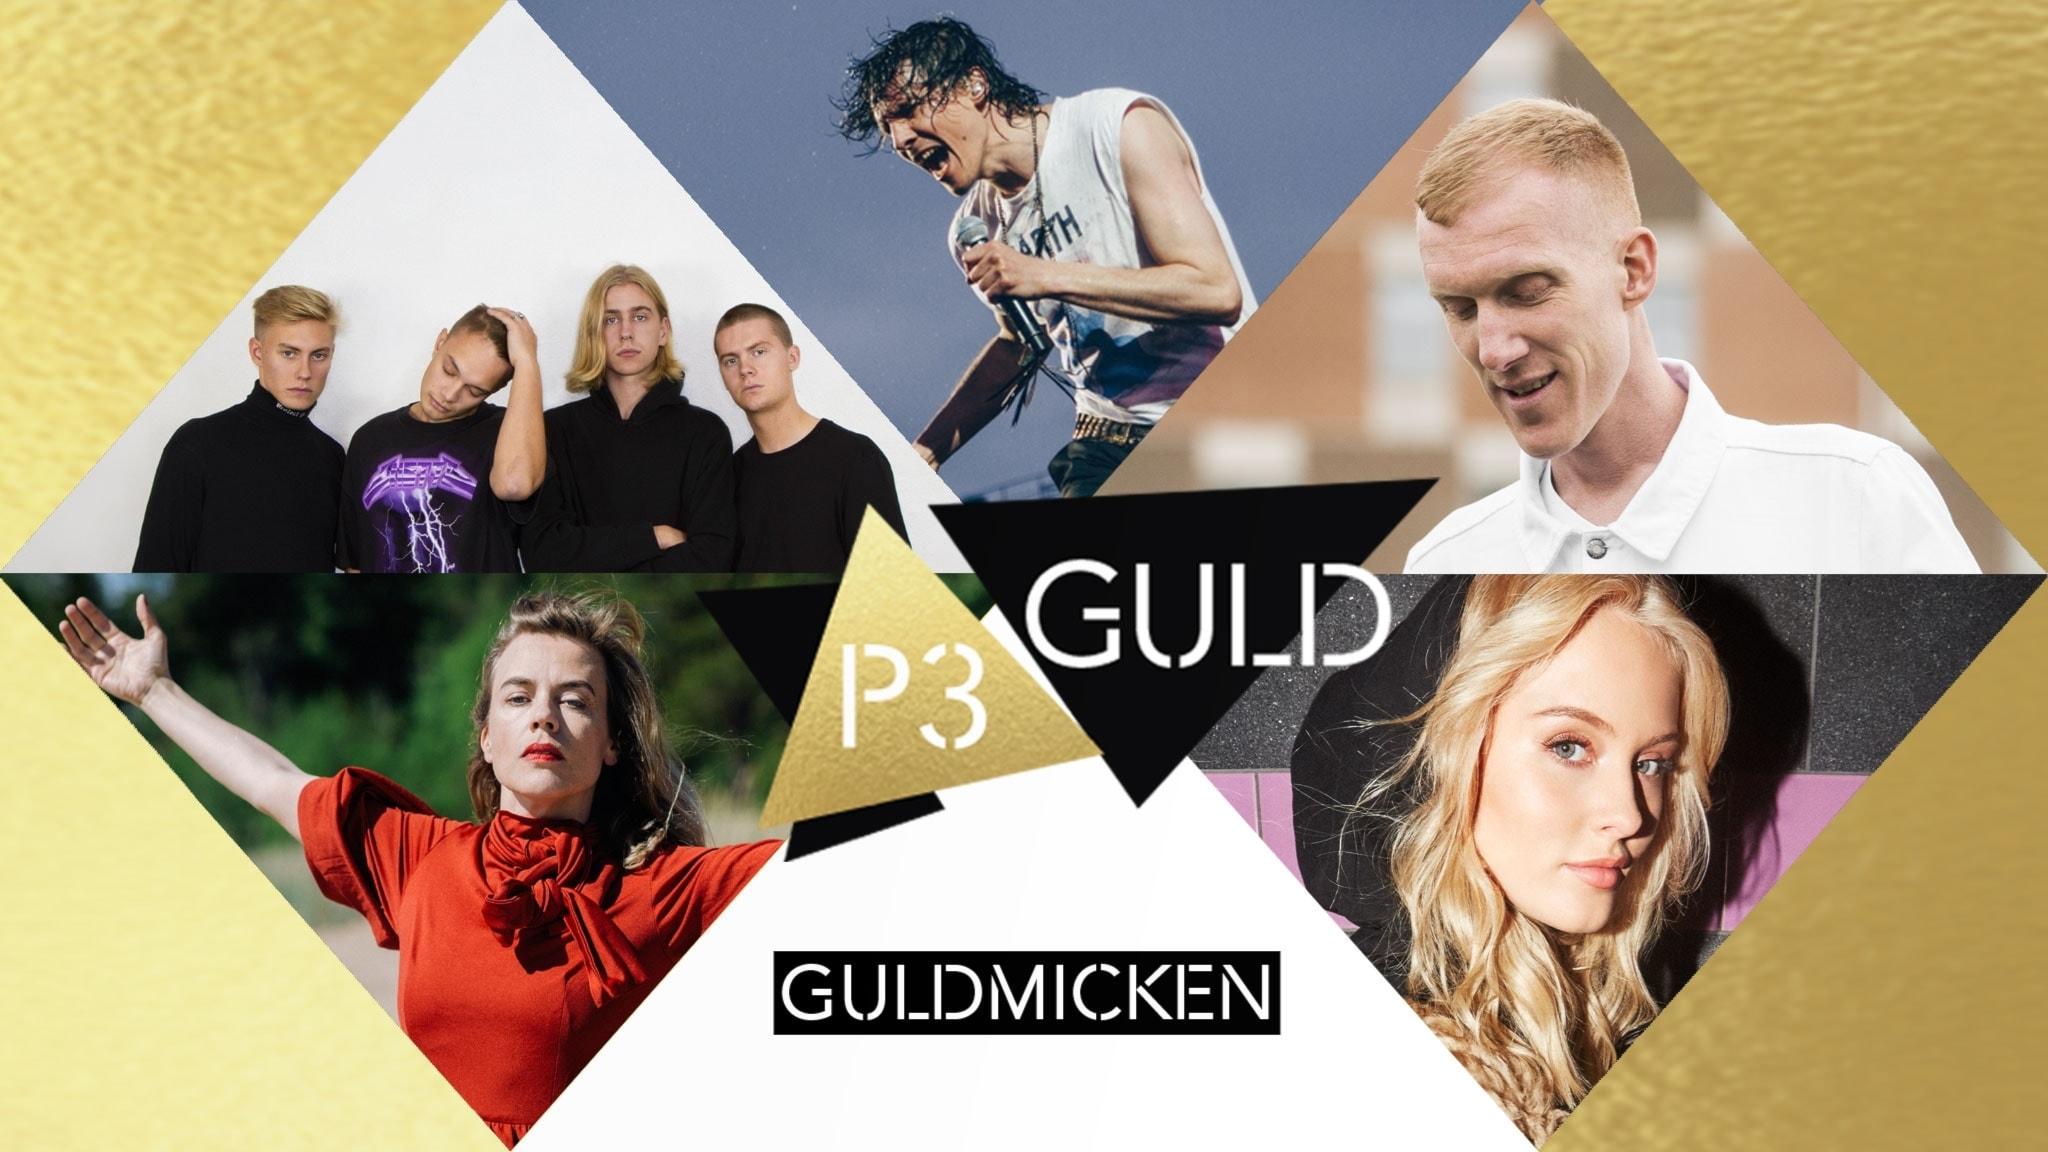 Guldmickens jury motiverar sina P3 Guld-nomineringar